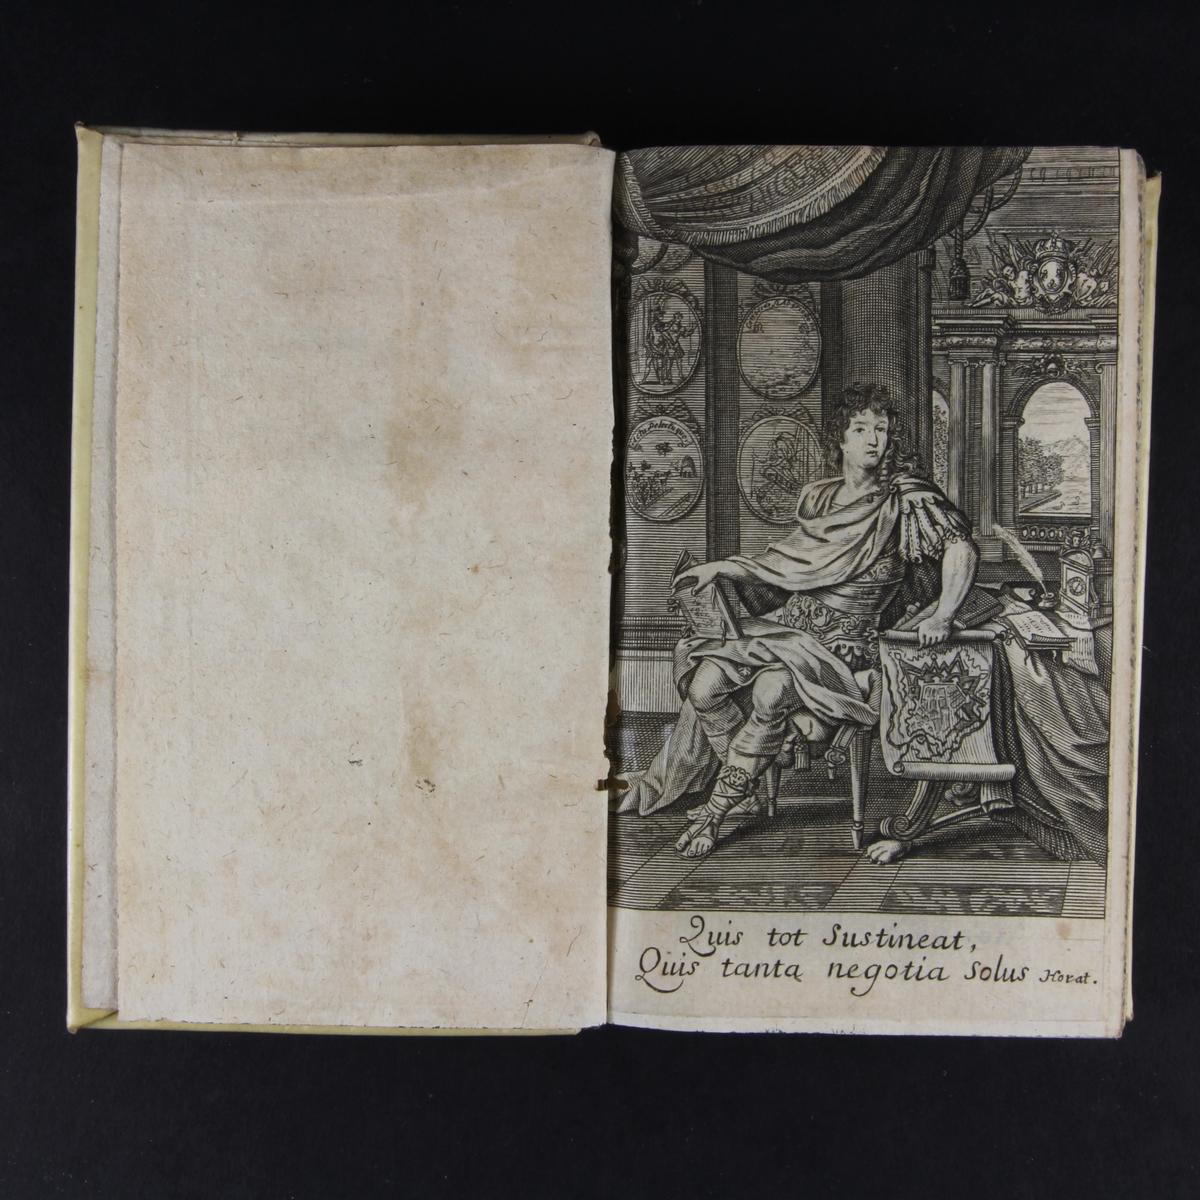 """Bok, inbunden """"L´homme de cour"""".  Band av pergament, skuret blåstänkt snitt. Anteckning om förvärv."""